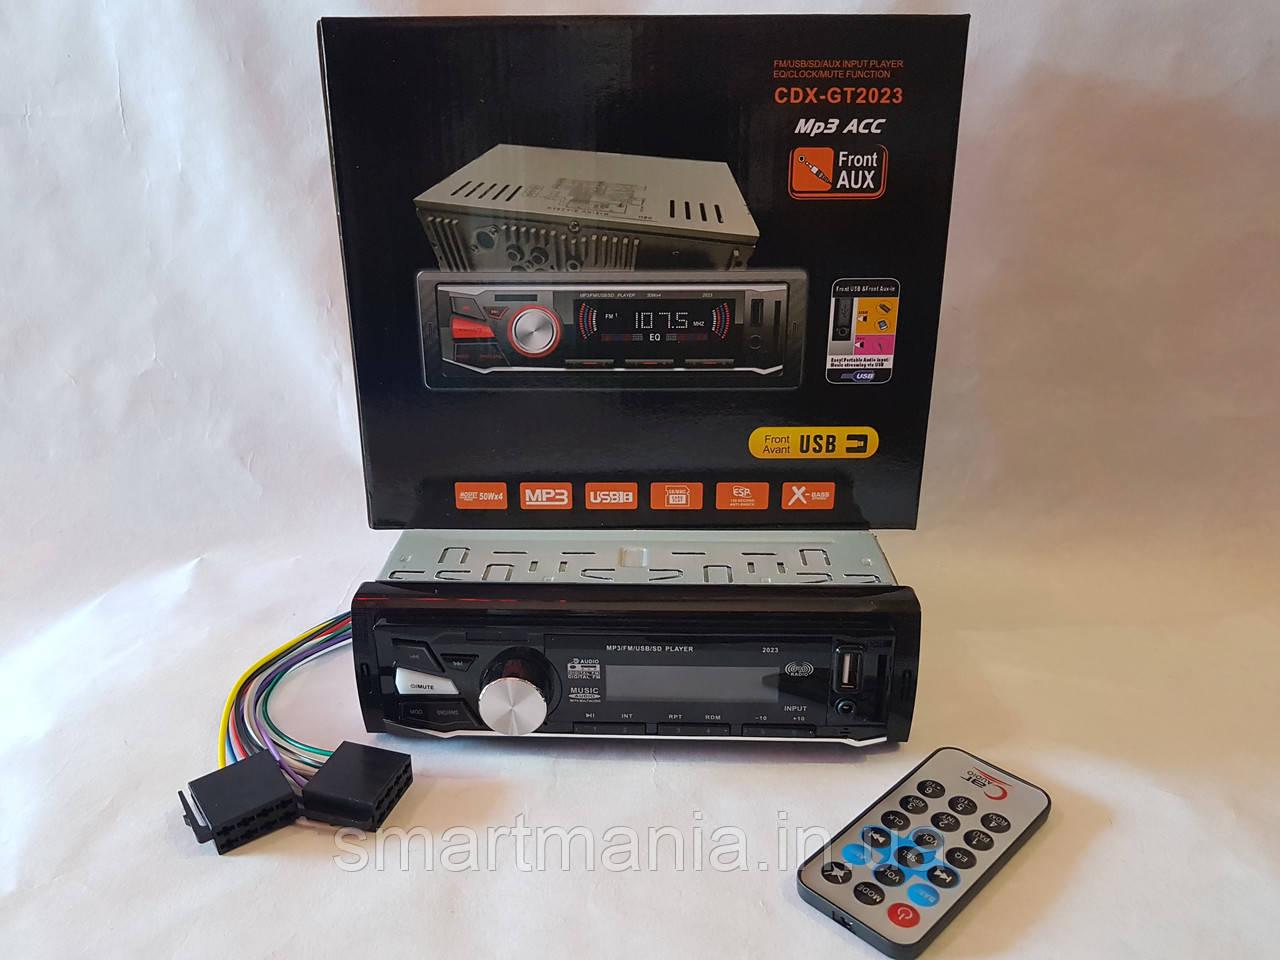 Авто Автомагнітола MP3, CDX-GT2023 (USB, SDHC, AUX, FM)